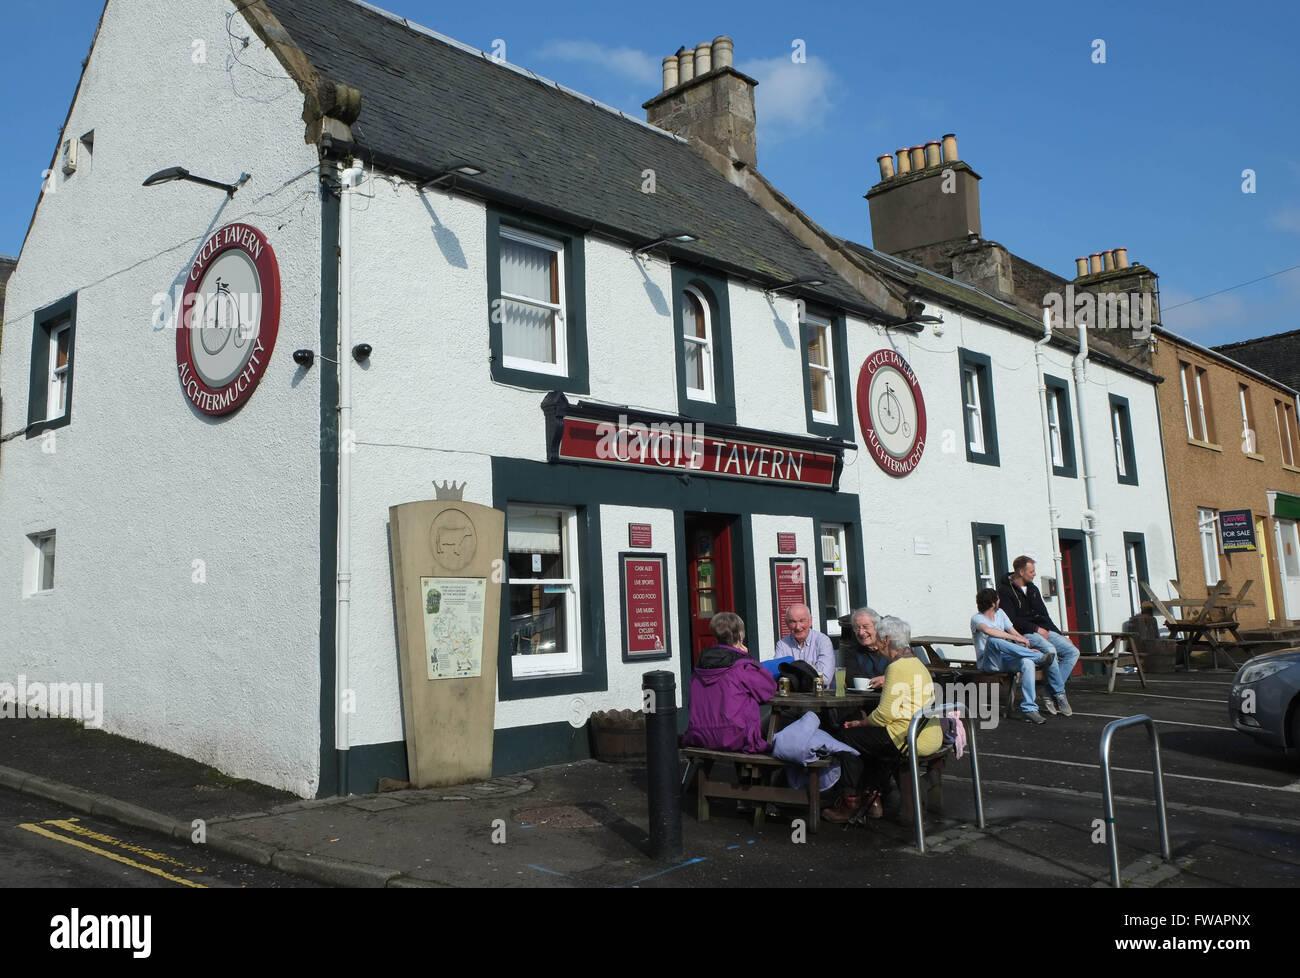 Los clientes disfrutan de un refresco fuera del ciclo taberna en Auchtermuchty, Fife, Escocia, Imagen De Stock